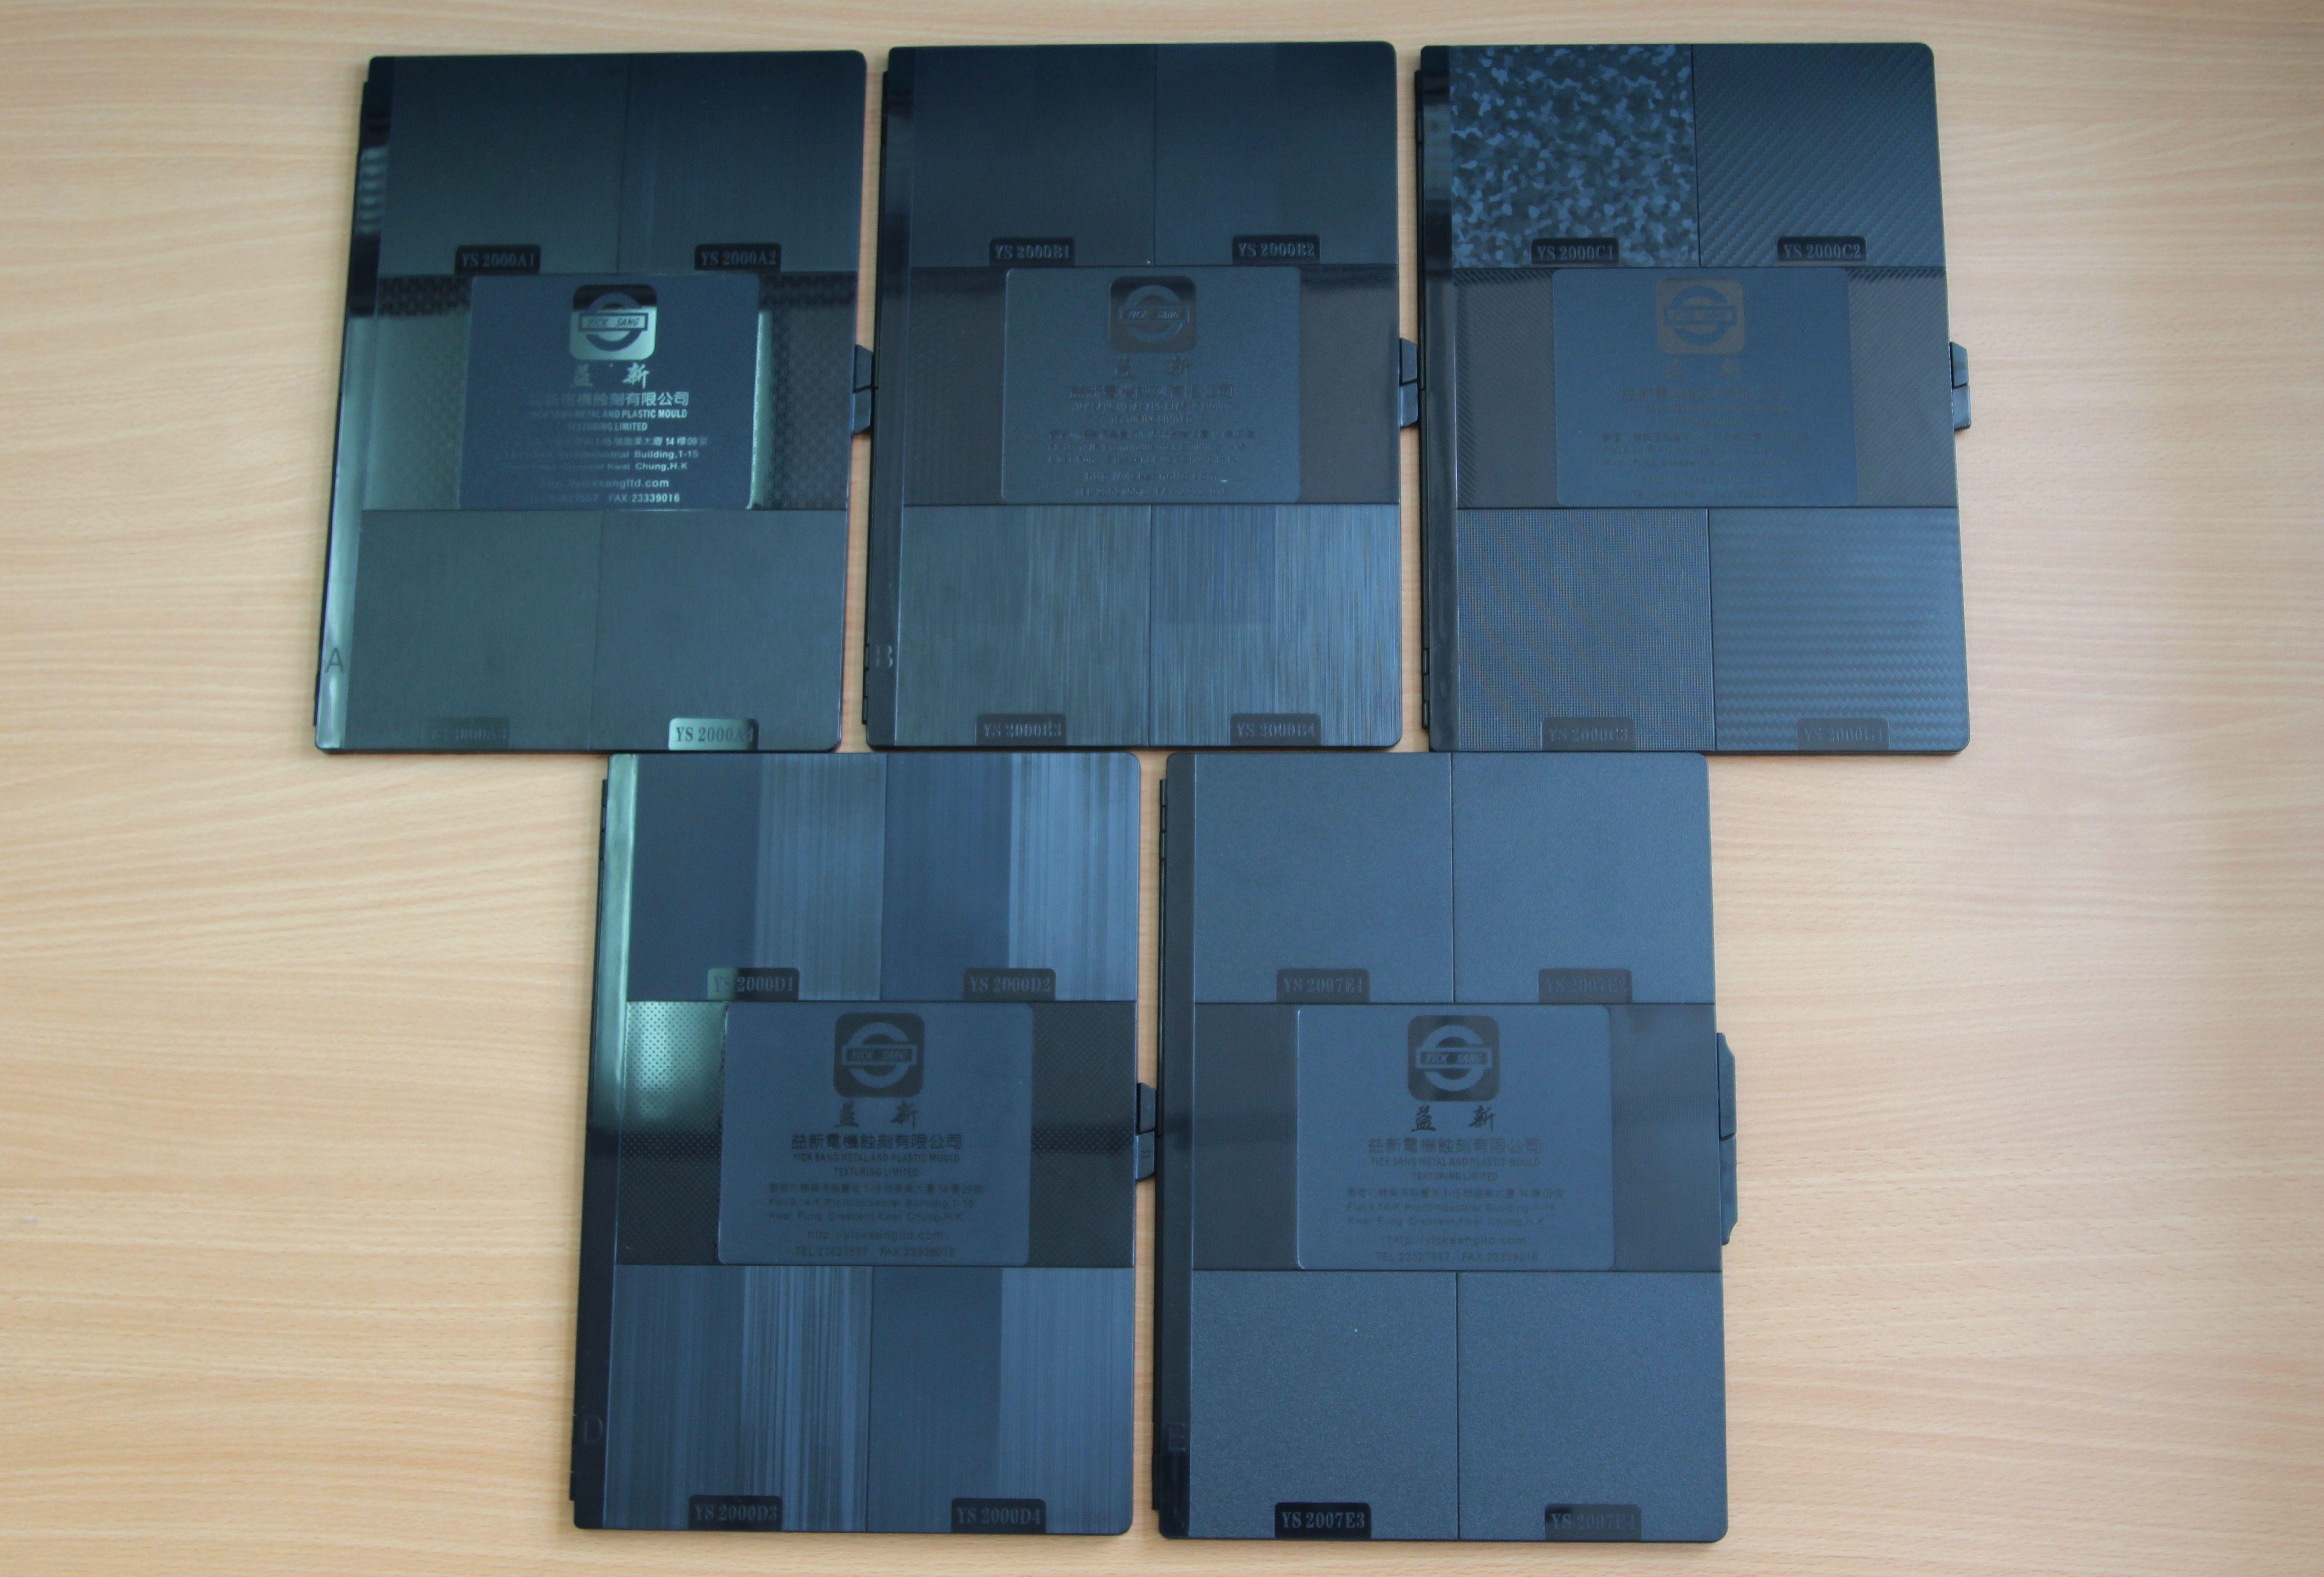 Texture Catalogue - Yick Sang (Hong Kong) Metal and Plastic